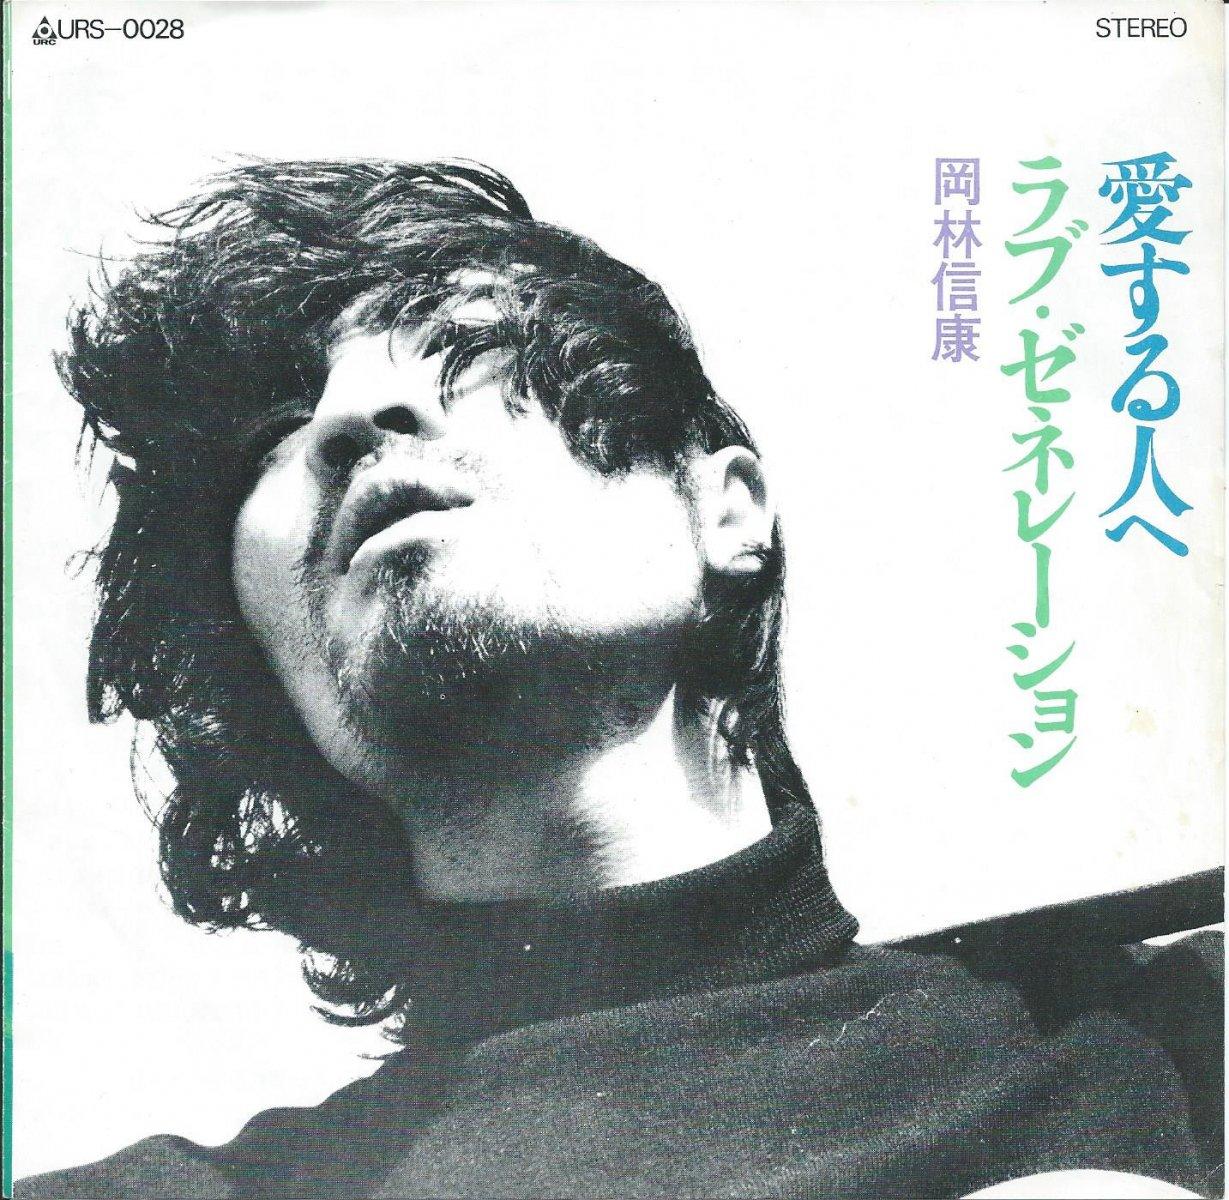 岡林信康 NOBUYASU OKABAYASHI / 愛する人へ / ラブ・ゼネレーション (はっぴいえんど HAPPY END) (7